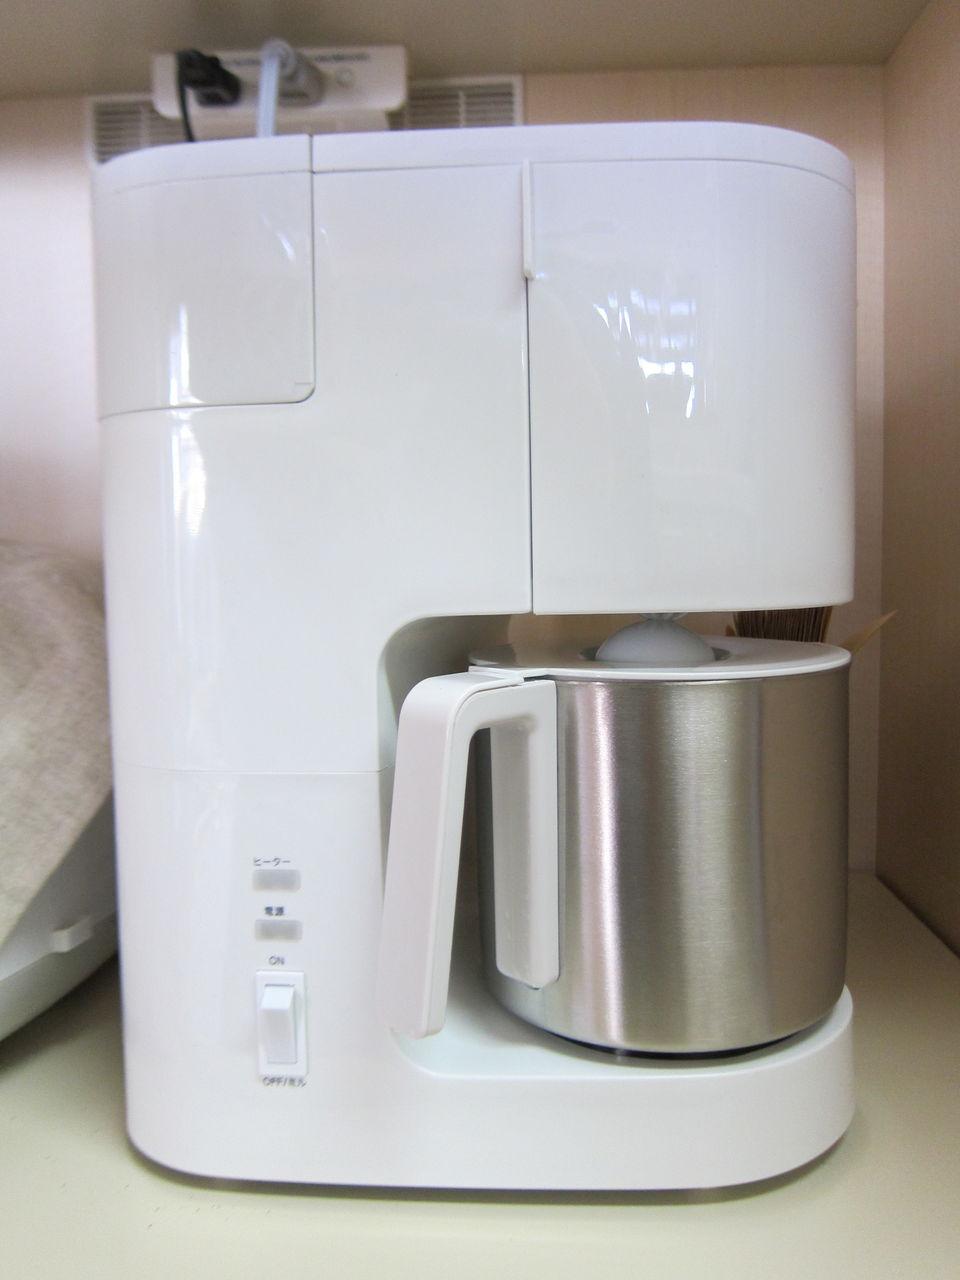 付属品は、計量カップと掃除用ブラシと説明書。コーヒーフィルター